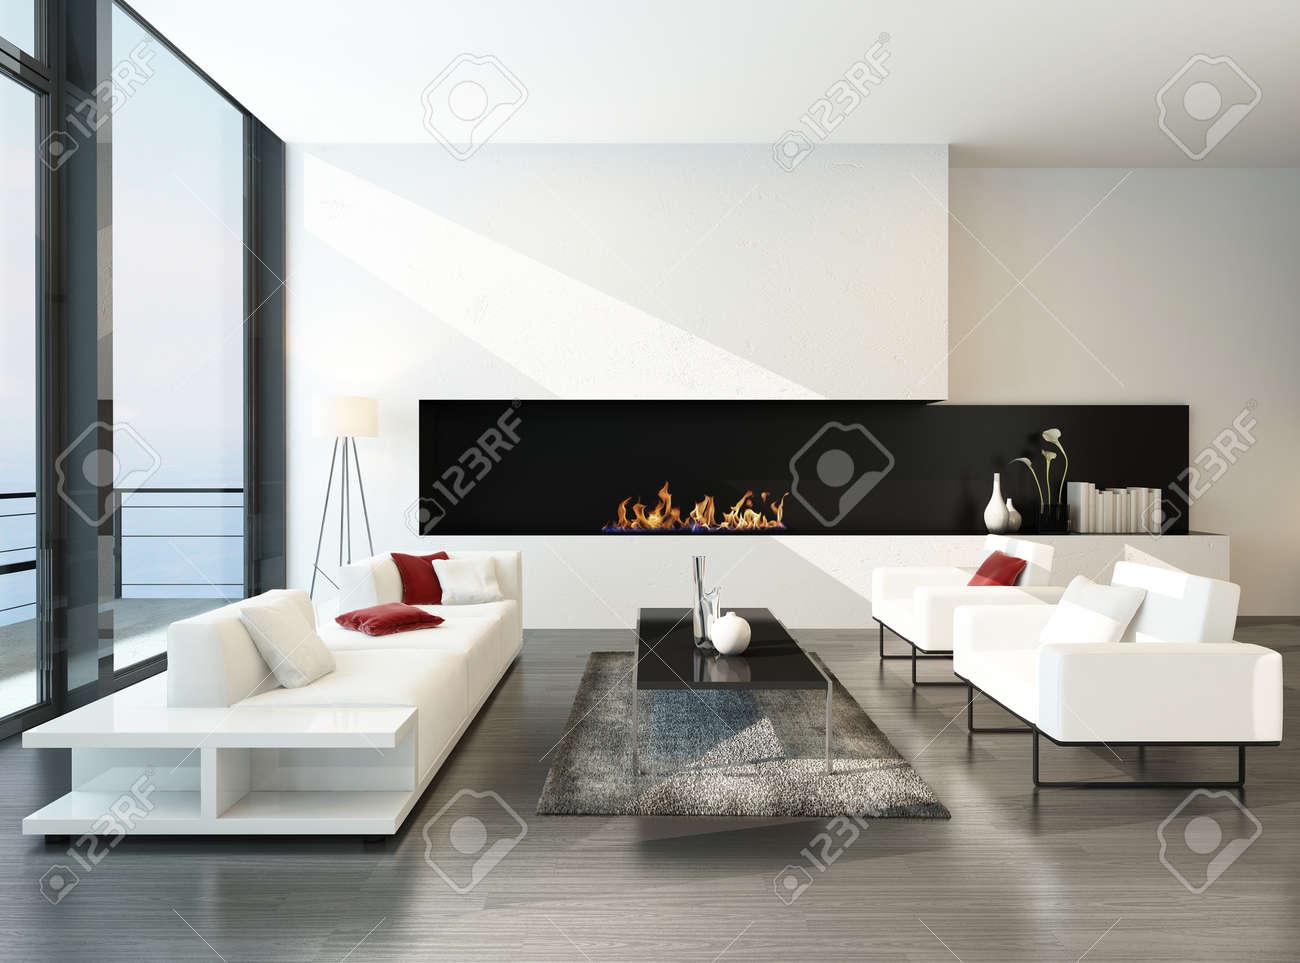 Reine Minimalistischen Wohnzimmer Innenraum Mit Couchgarnitur Und